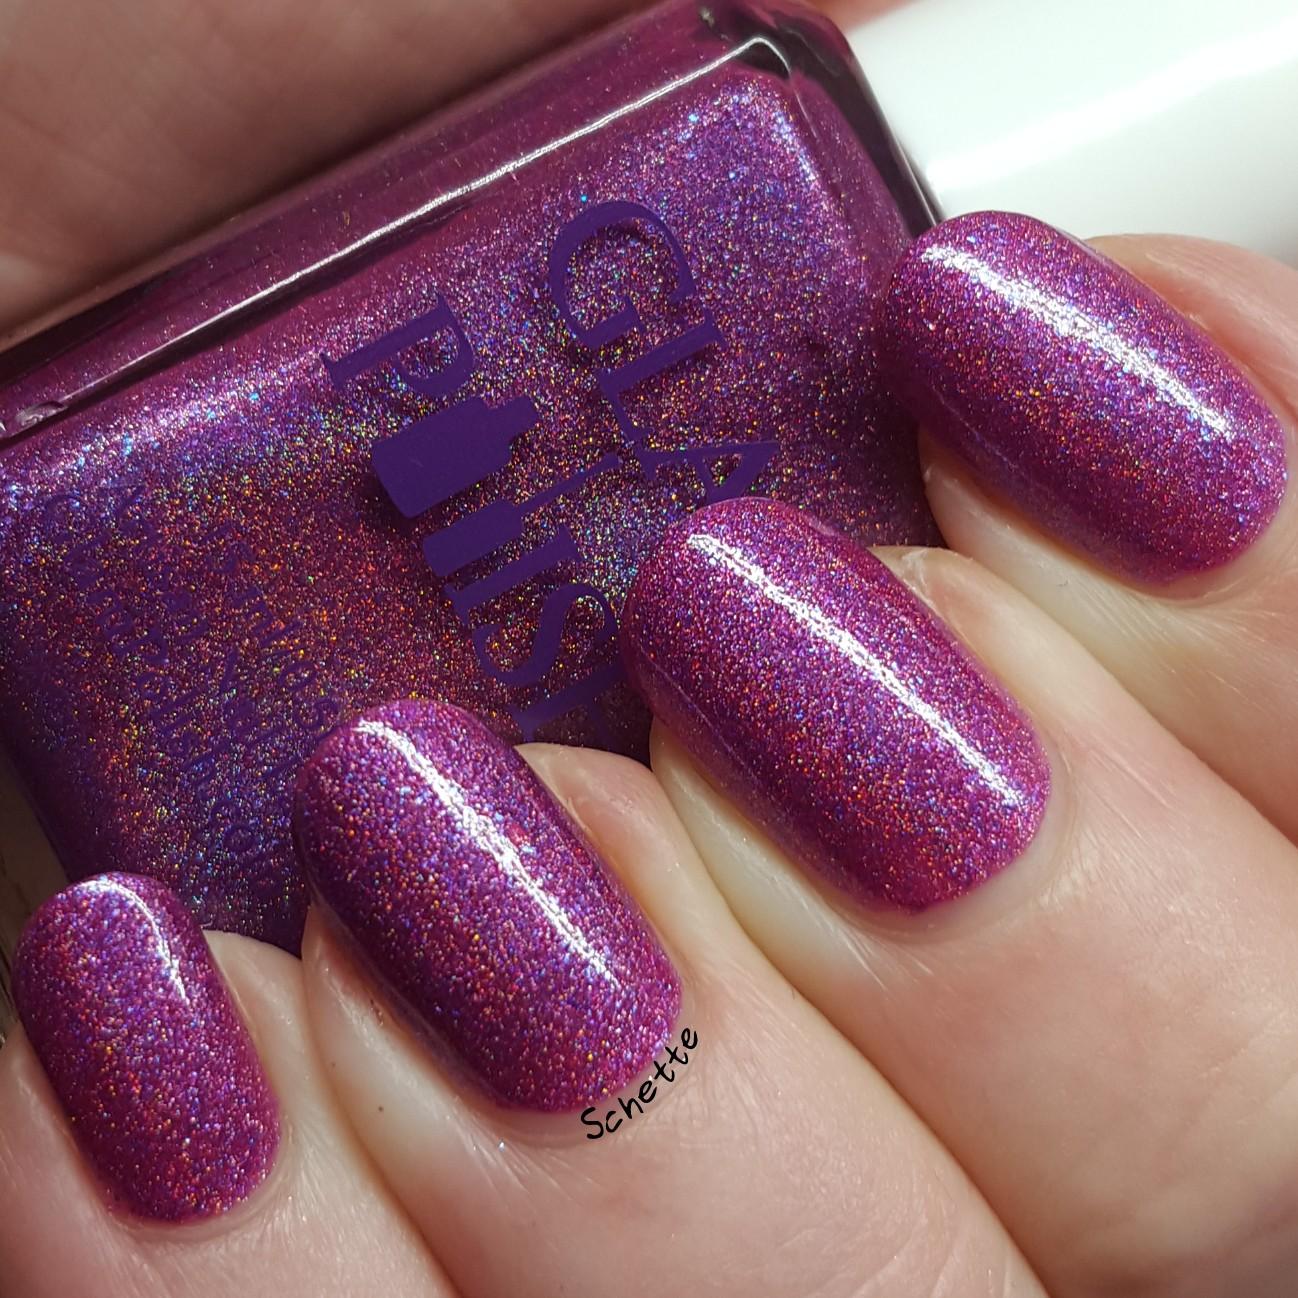 Glam Polish - Topsy Turvy